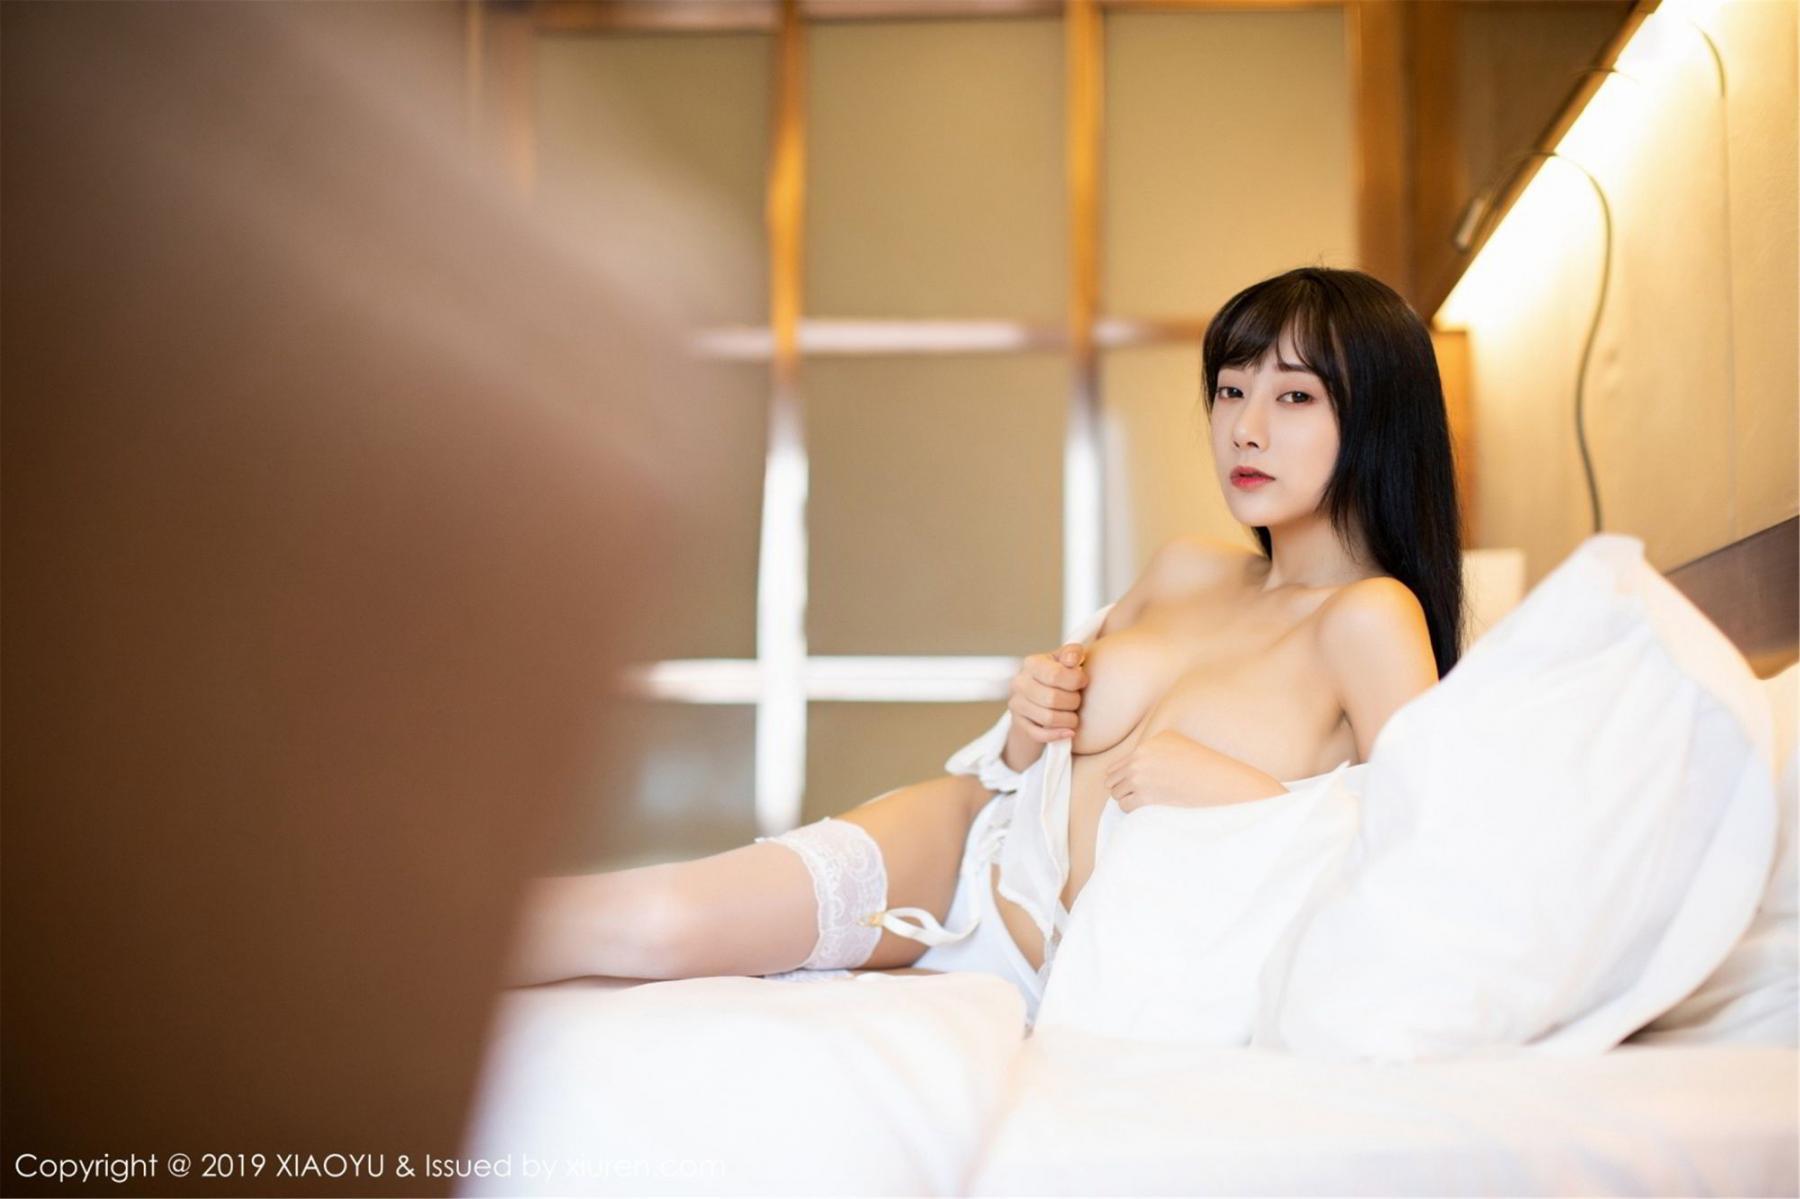 [XiaoYu] Vol.076 He Jia Ying 29P, He Jia Ying, Underwear, XiaoYu